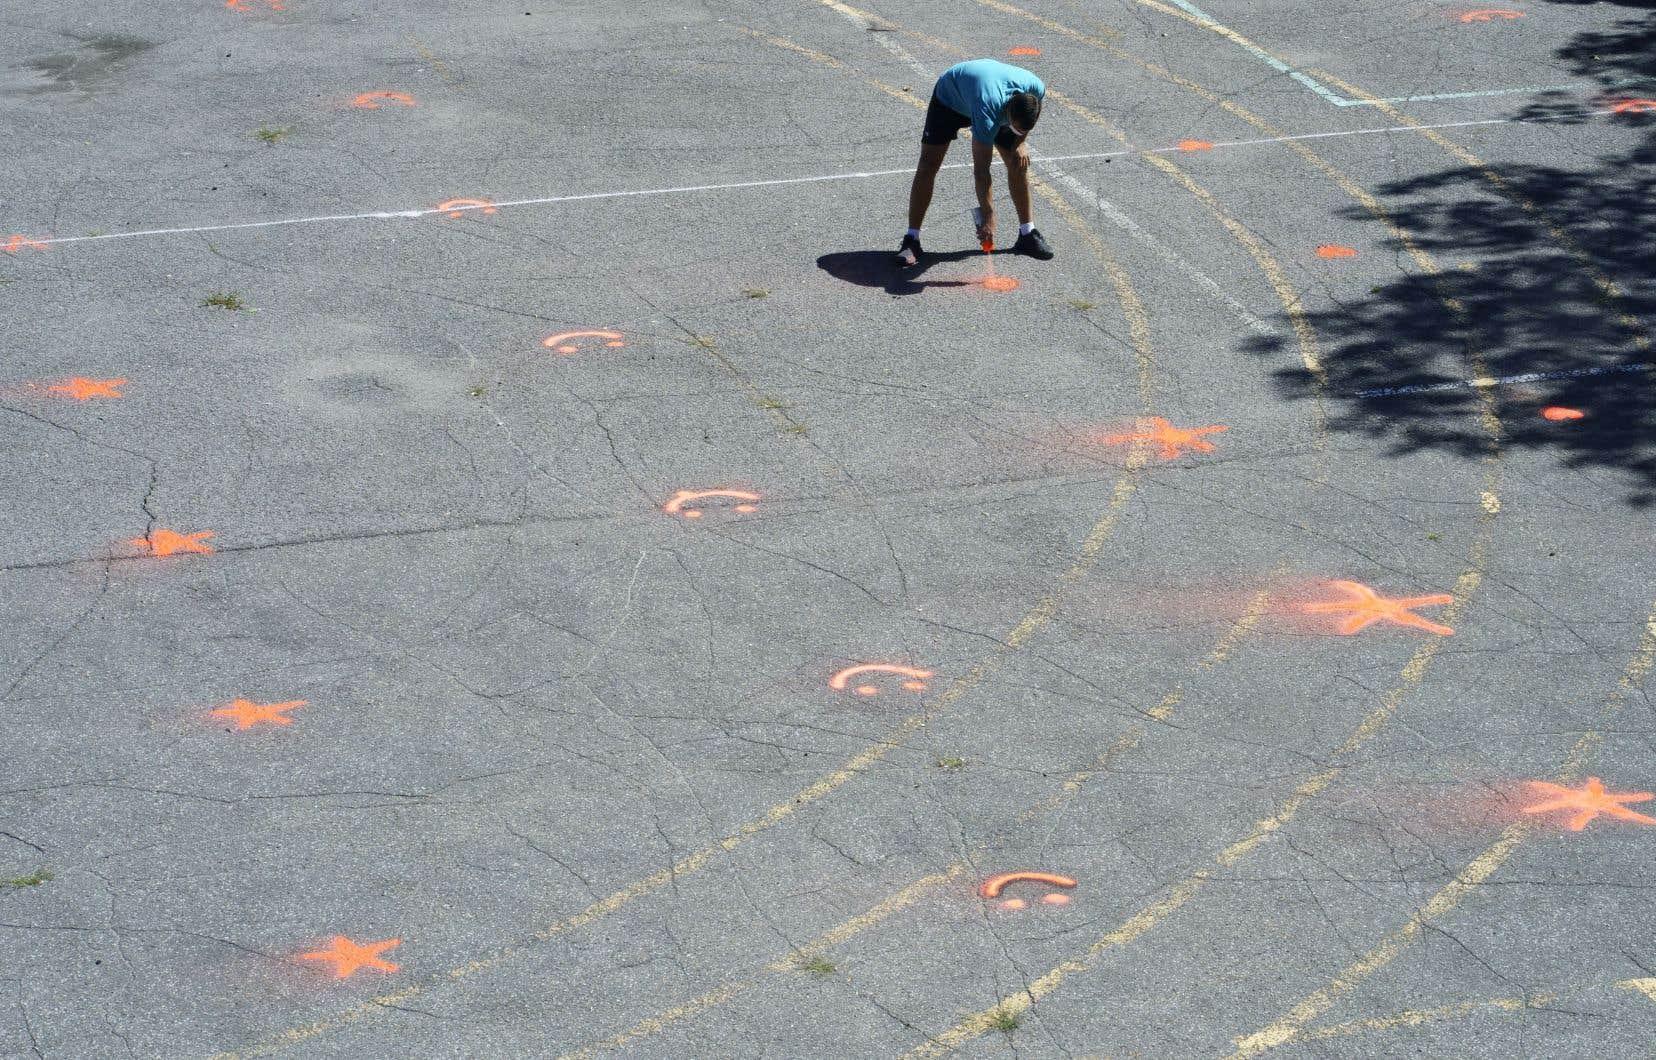 Un enseignant peignait des marqueurs dans la cour d'une école primaire pour faciliter la distanciation physique des élèves, en août dernier.